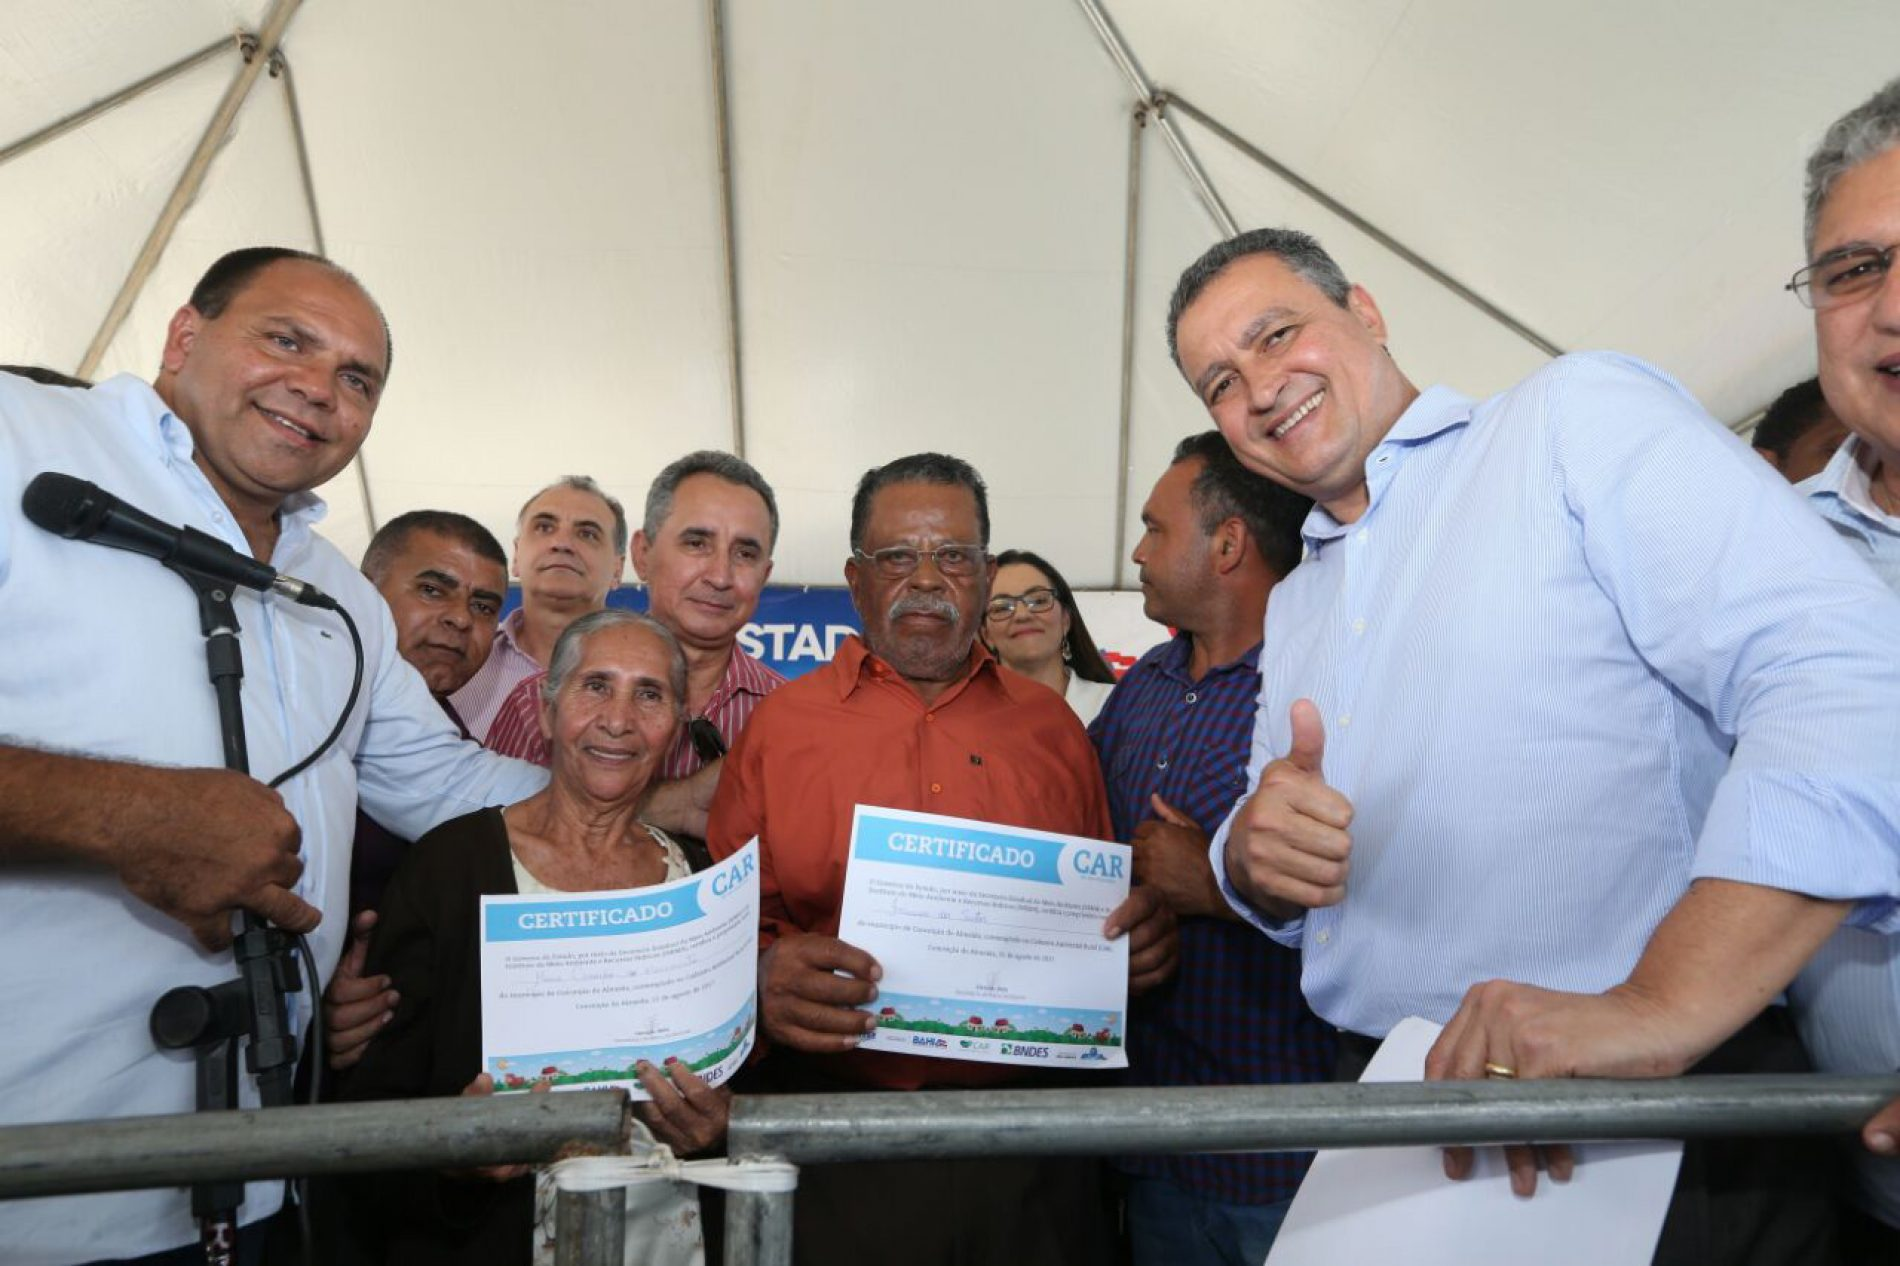 Em Conceição do Almeida, Rui entrega mais de mil certificados a agricultores e participa de inaugurações na área da saúde